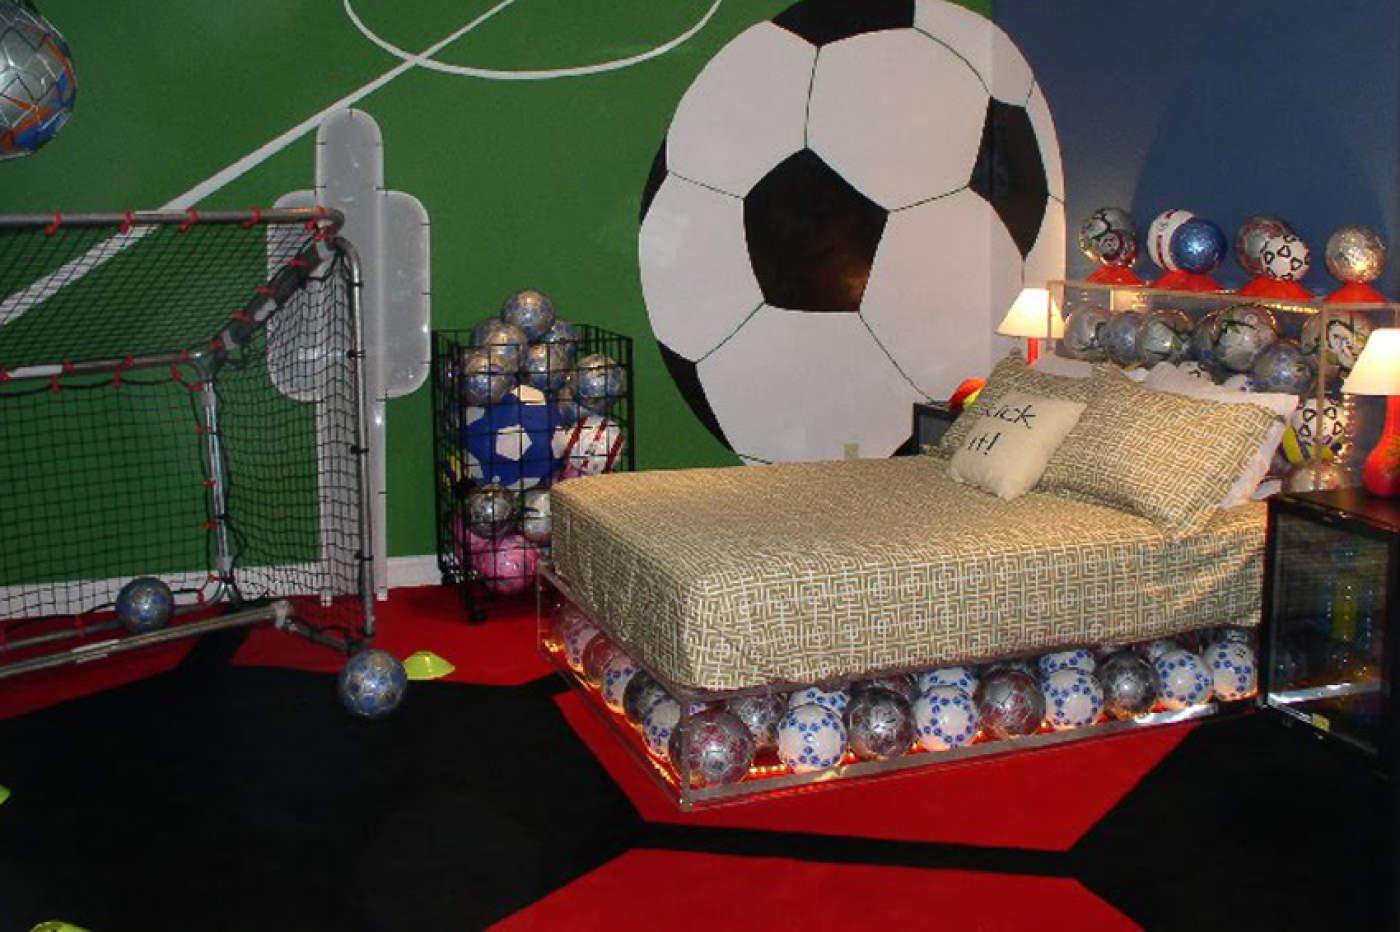 اجرای حرفهای دکوراسیون اتاق خواب فوتبالی با چند ایده ساده